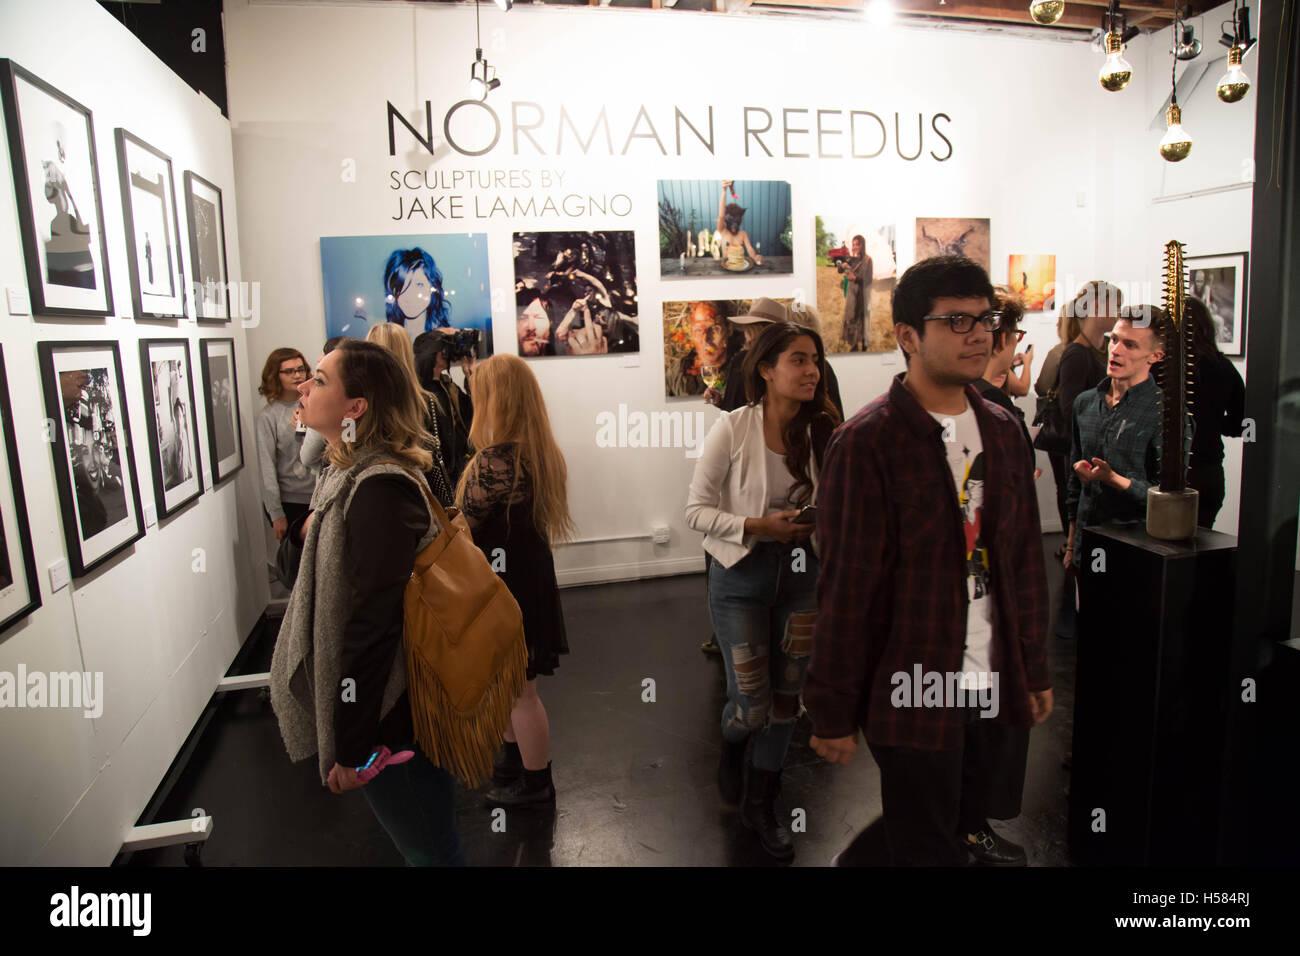 Atmosphère d'André Vigneau à Norman: une exposition de photographies d'Art à voila! Galerie Photos le 12 novembre 2015 à Los Angeles, Californie, USA Banque D'Images